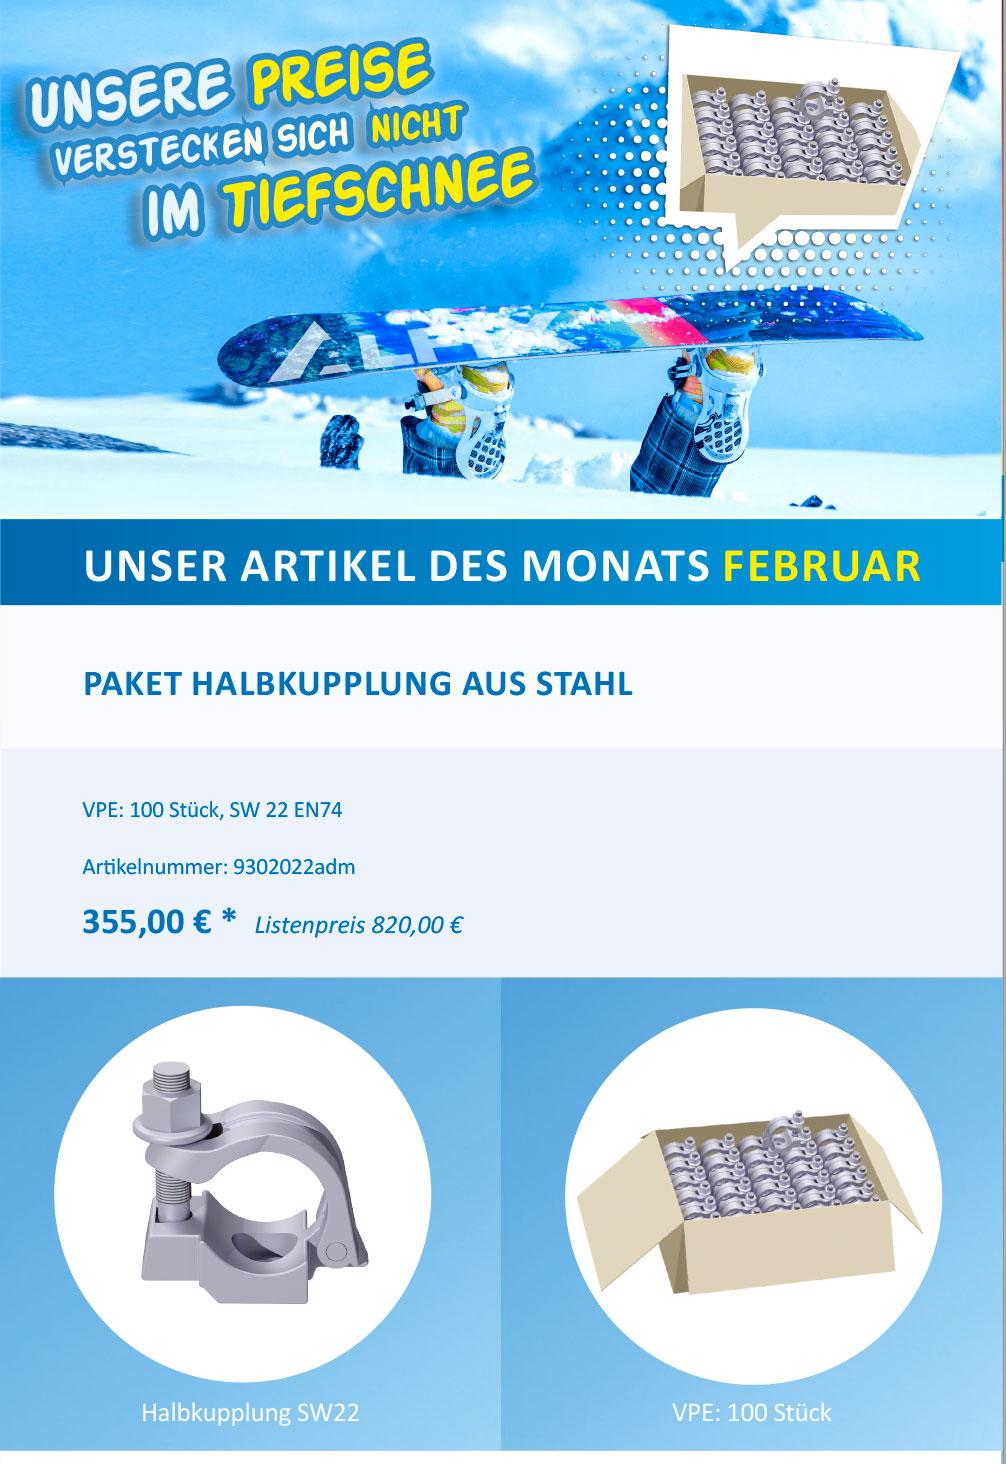 Banner Angebot des Monats Februar 2019